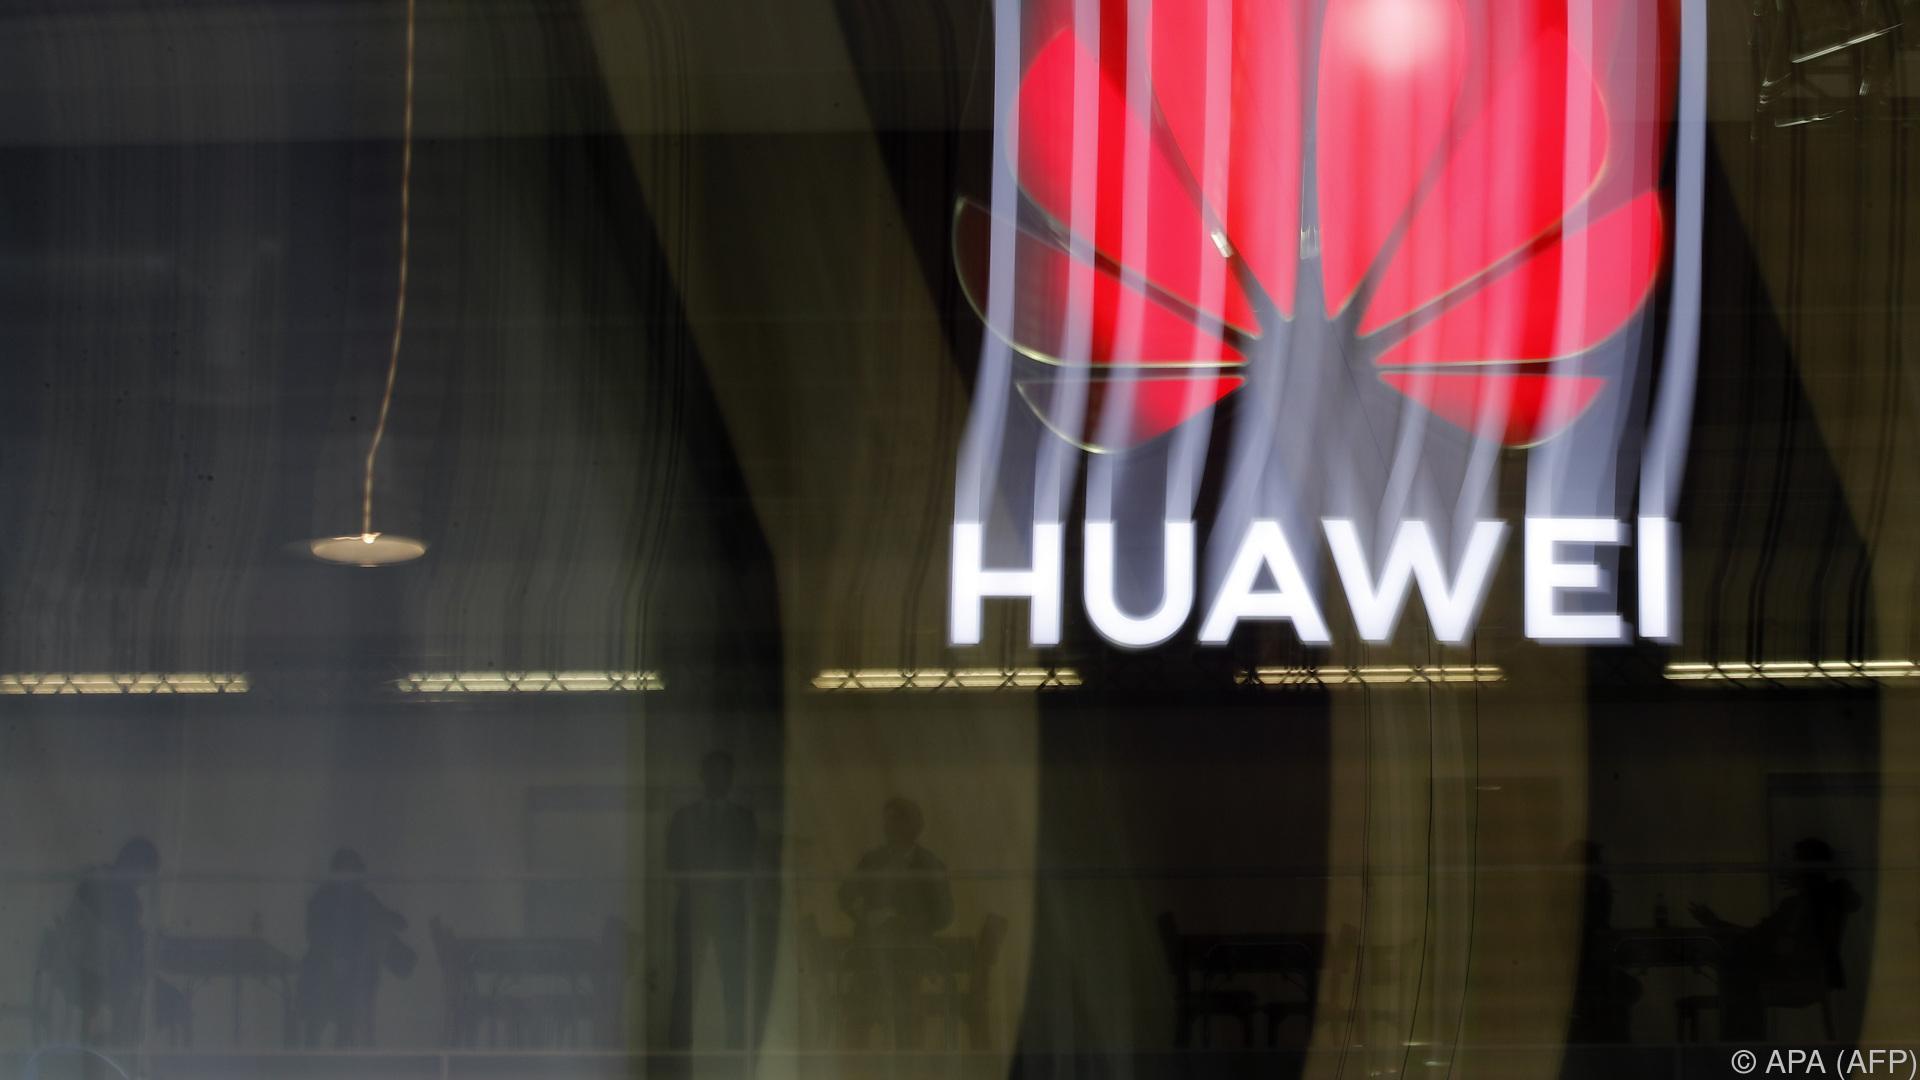 Huawei klagt erneut in den USA gegen Vorgehen der Behörden